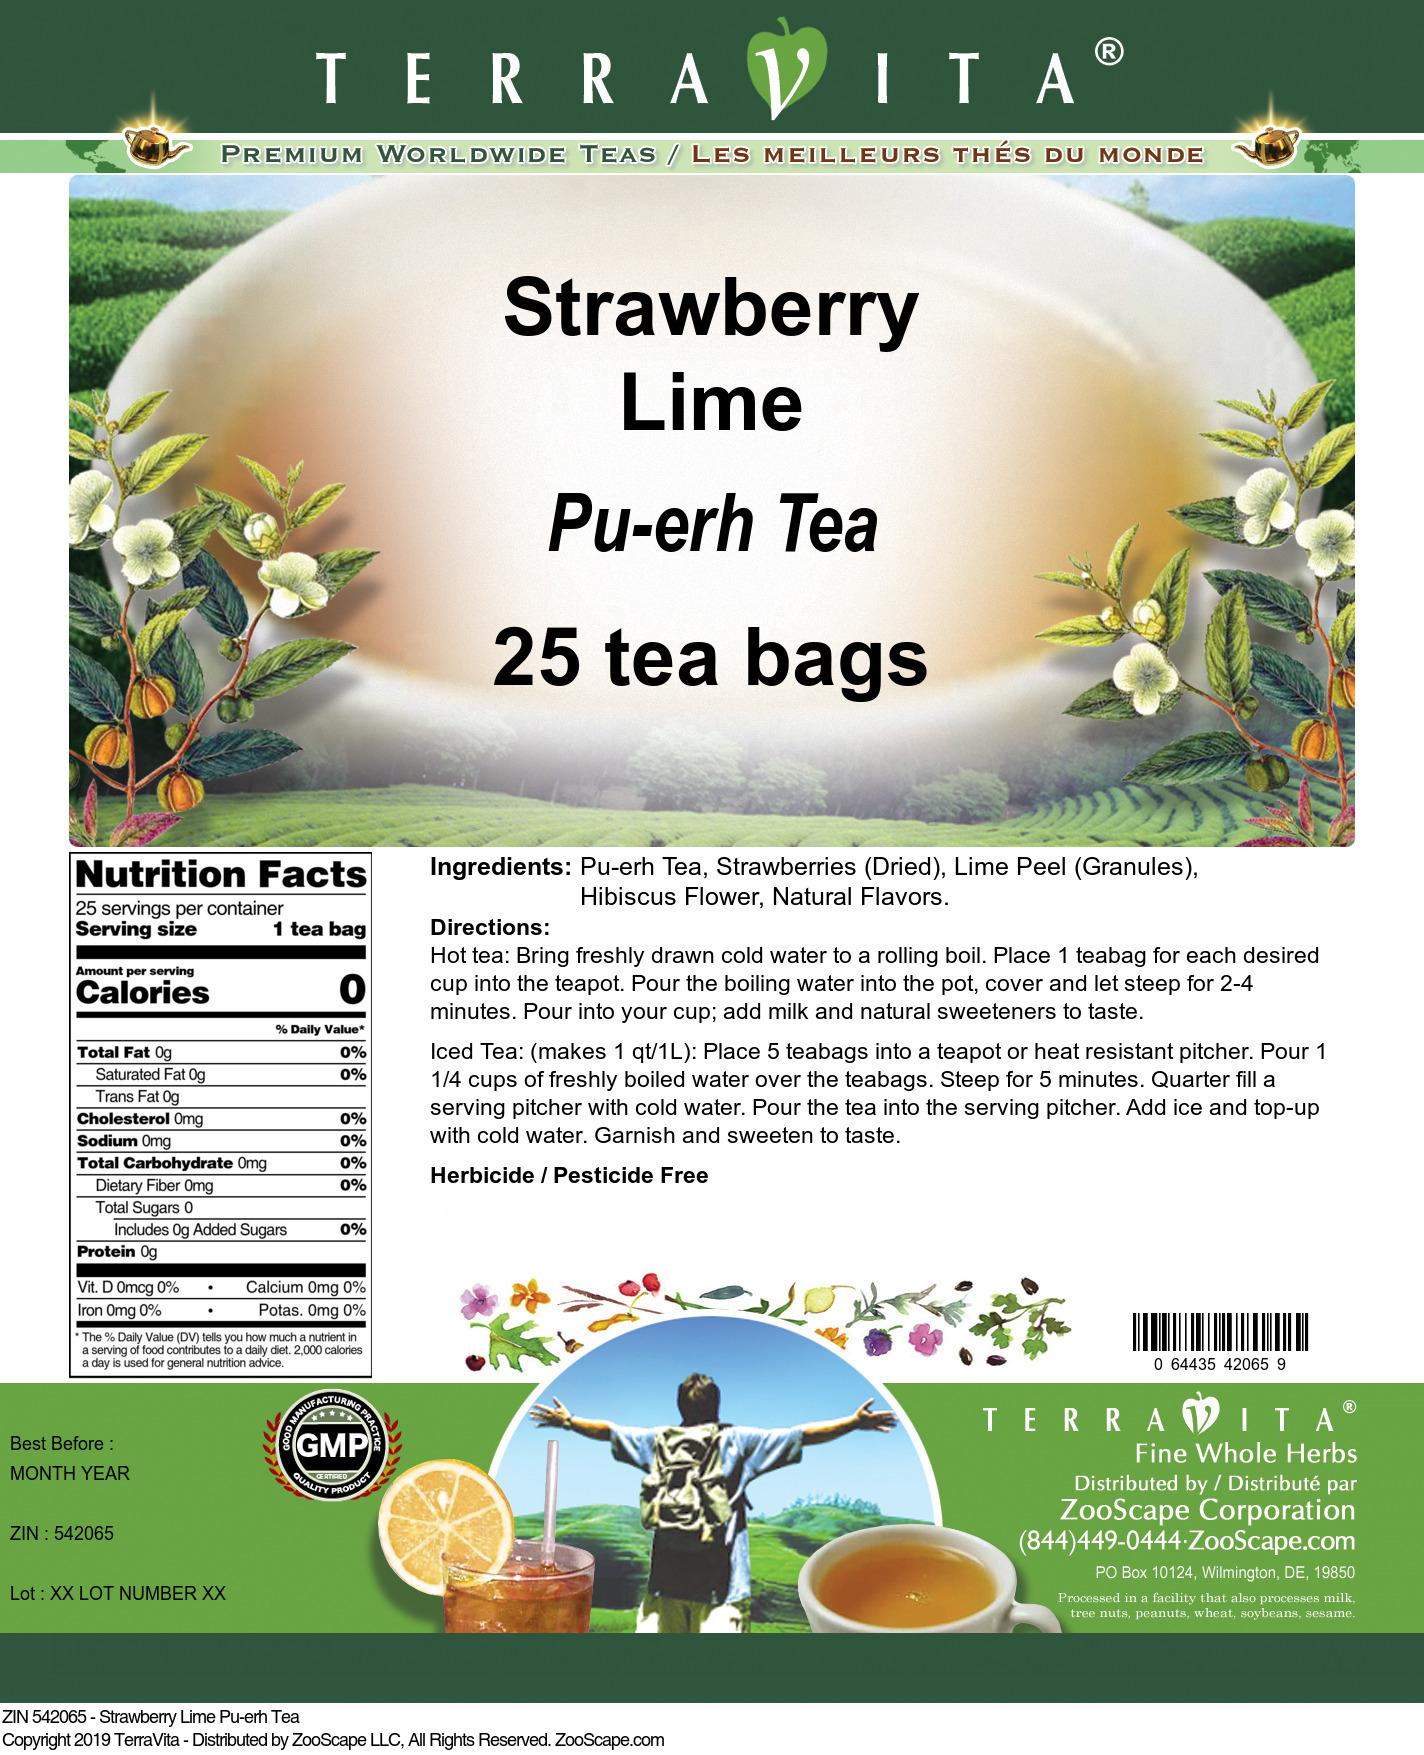 Strawberry Lime Pu-erh Tea